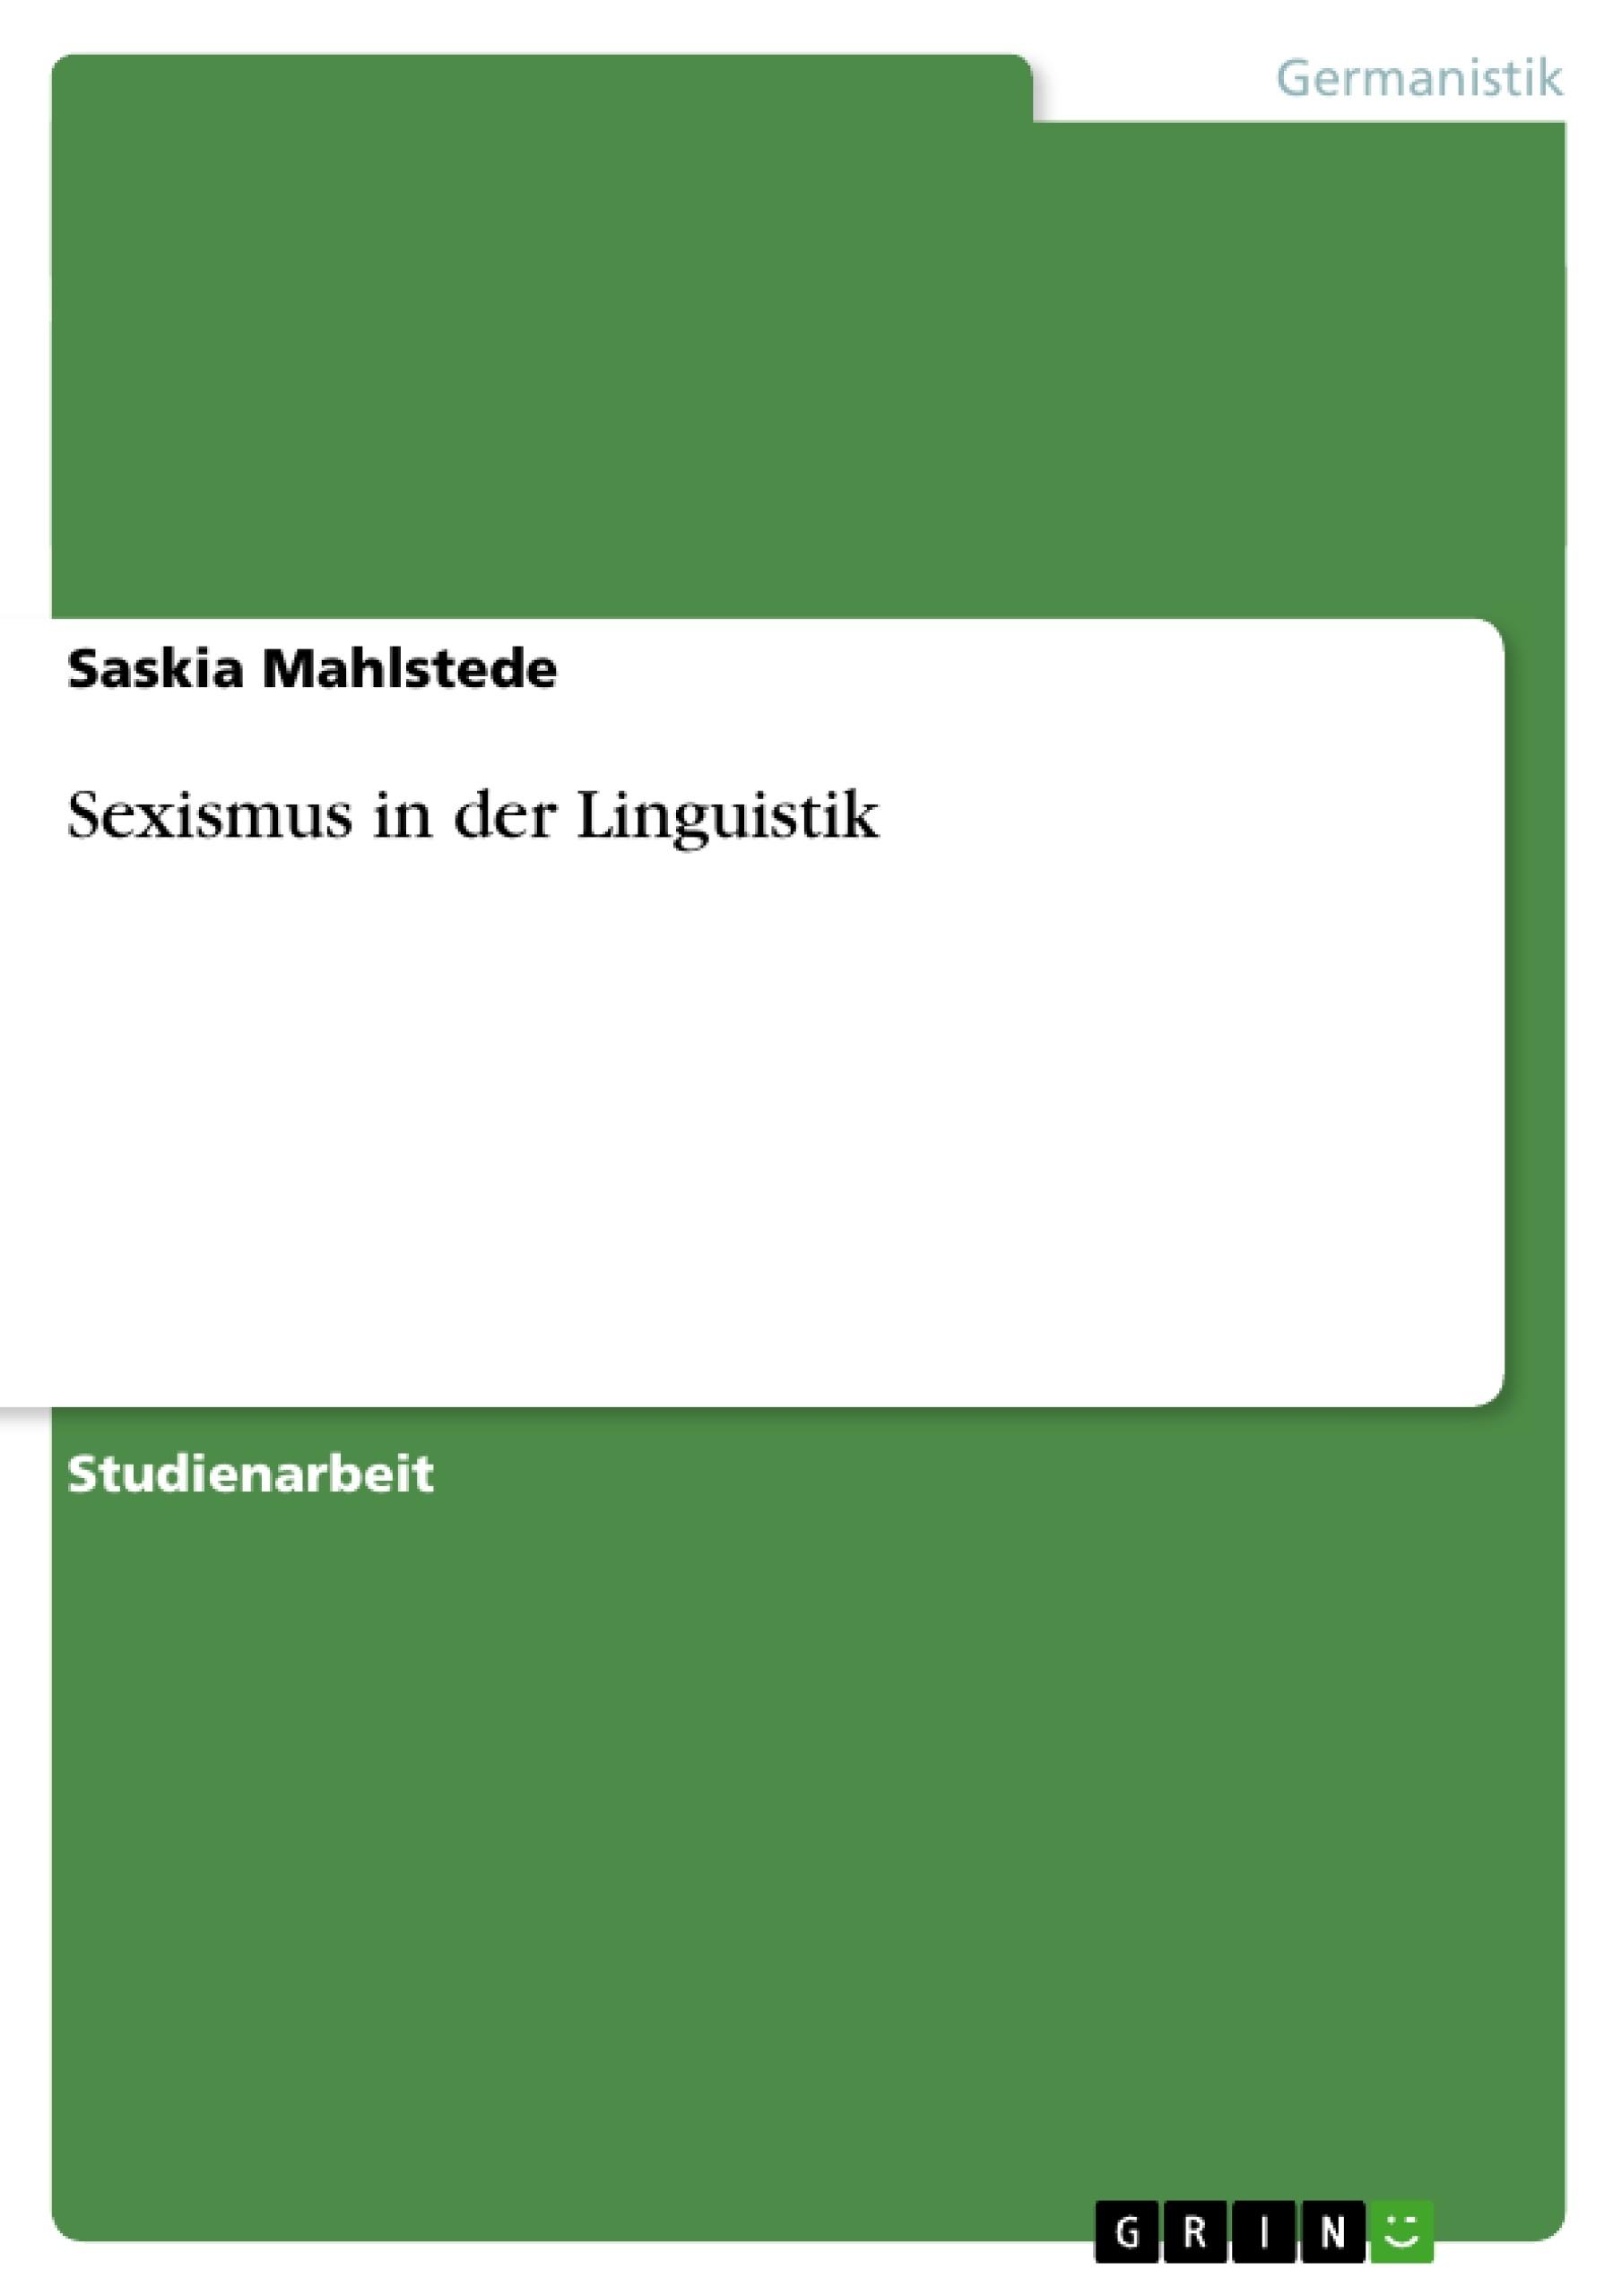 Titel: Sexismus in der Linguistik